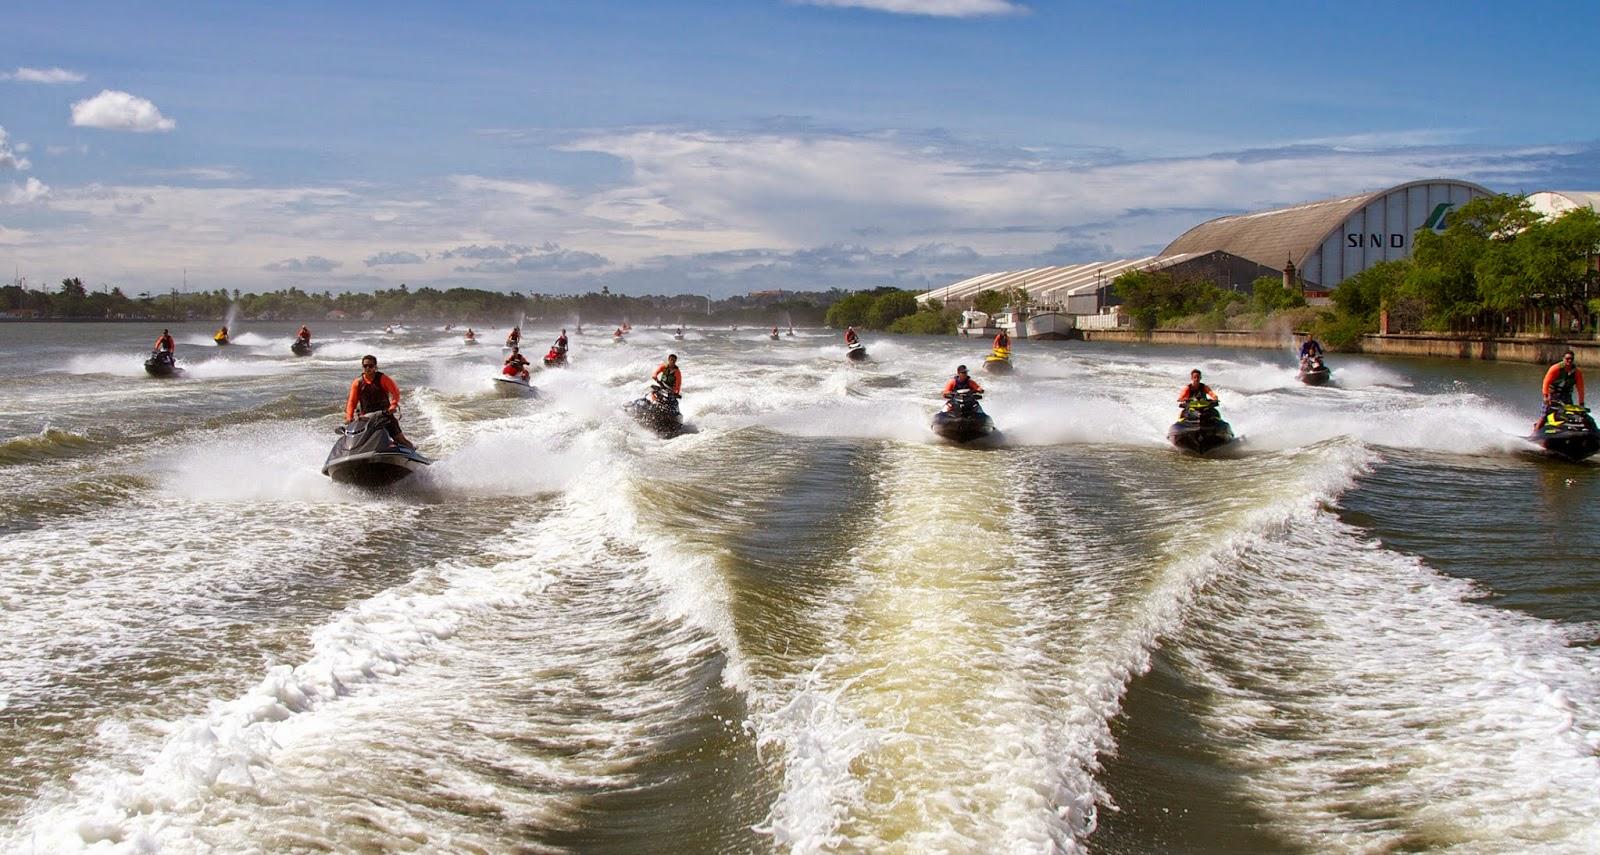 Enemotos motos aqu ticas aceleram com seguran a no rio paran for Armadi california porto rico